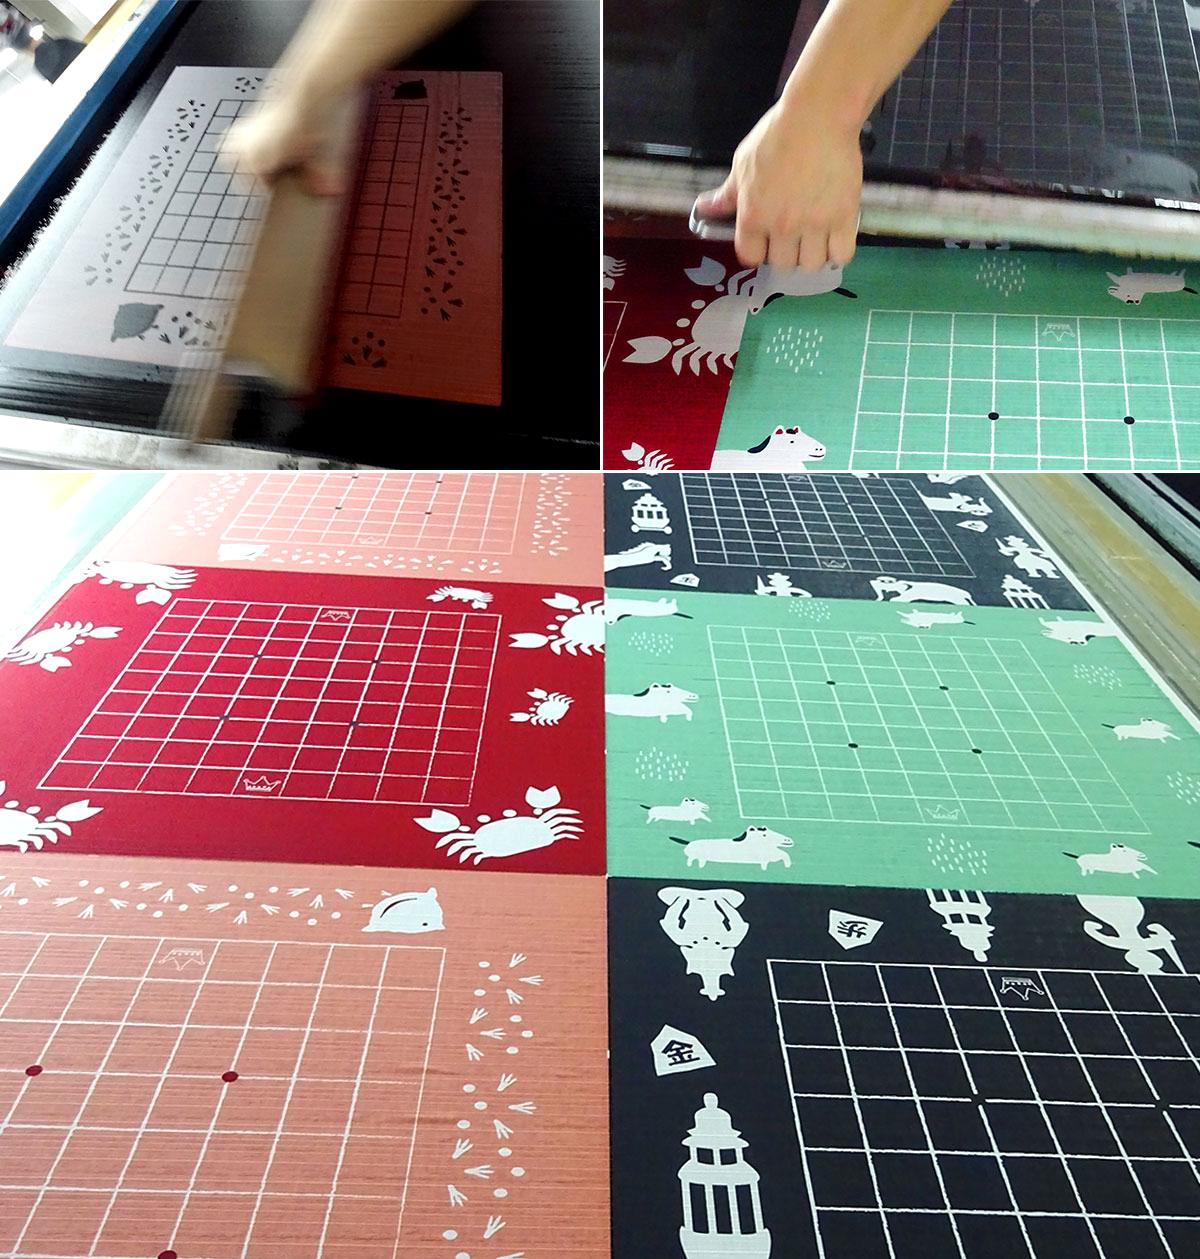 いつつの布製将棋盤「どこたま」の制作の様子